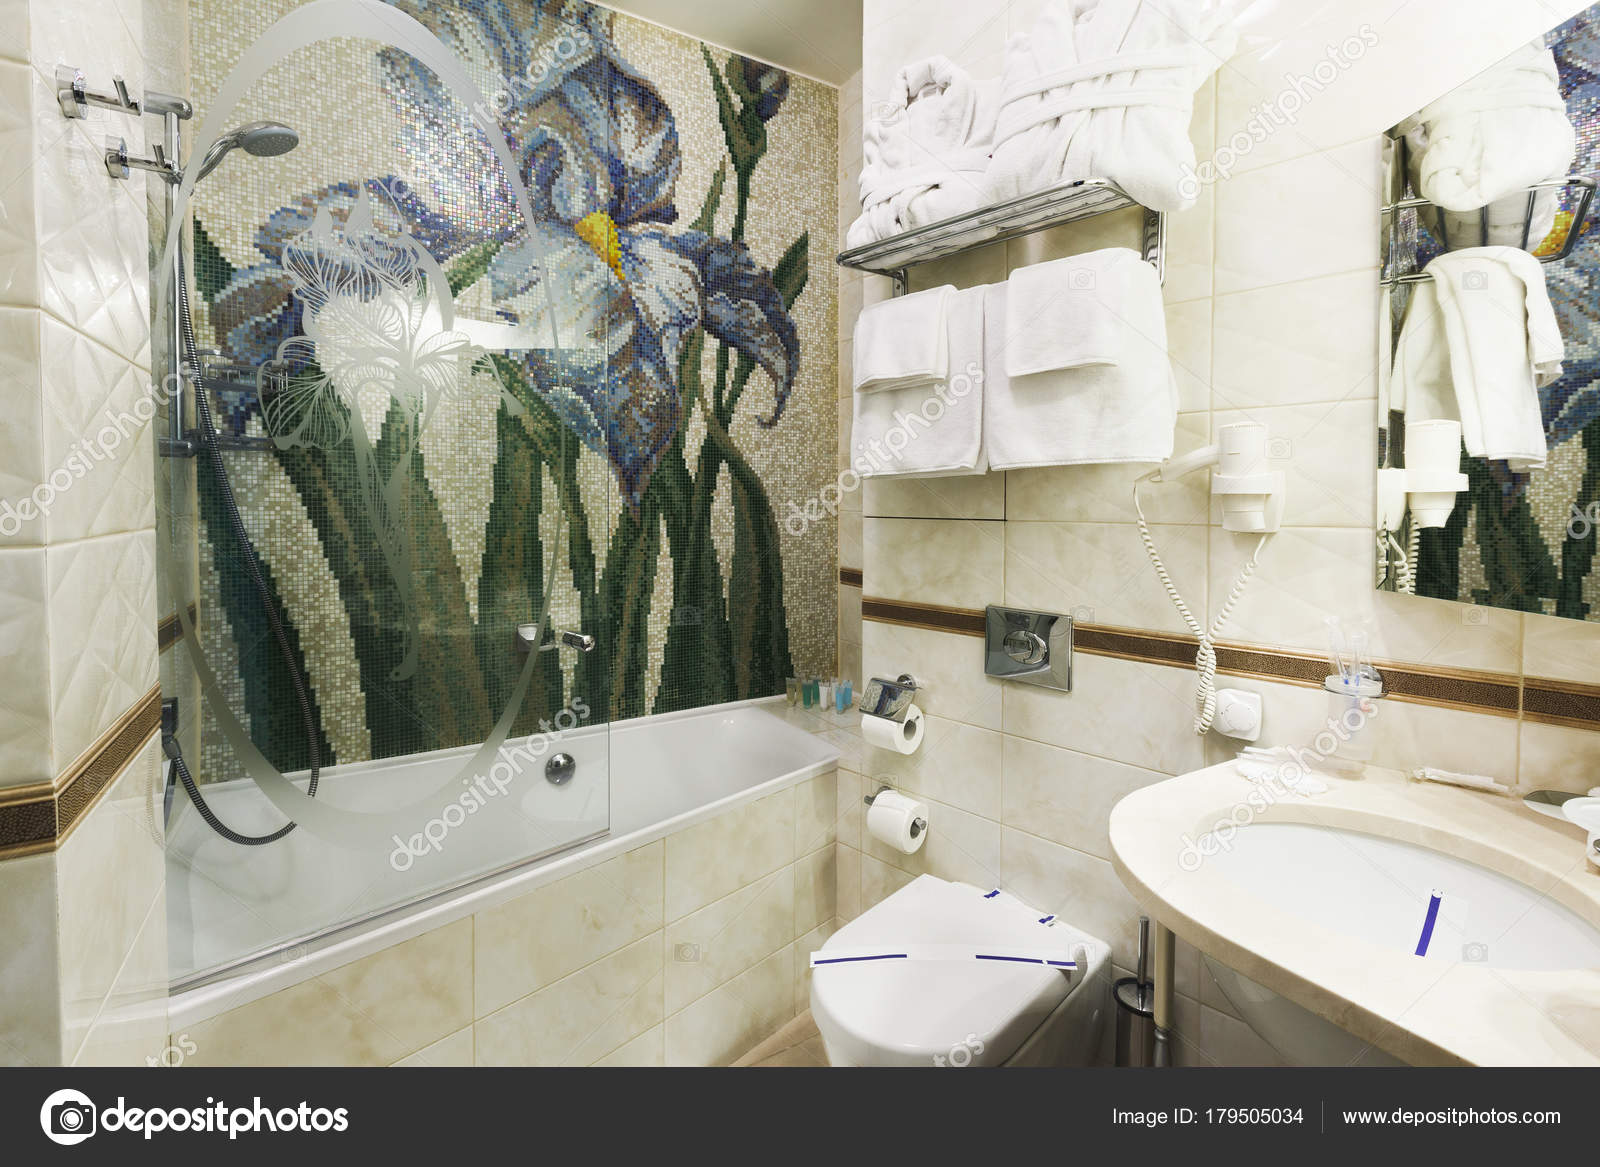 Bagni di lusso in mosaico cool piccolo bagno femminile di lusso con le pareti rivestite con - Asciugamani bagno firmati ...